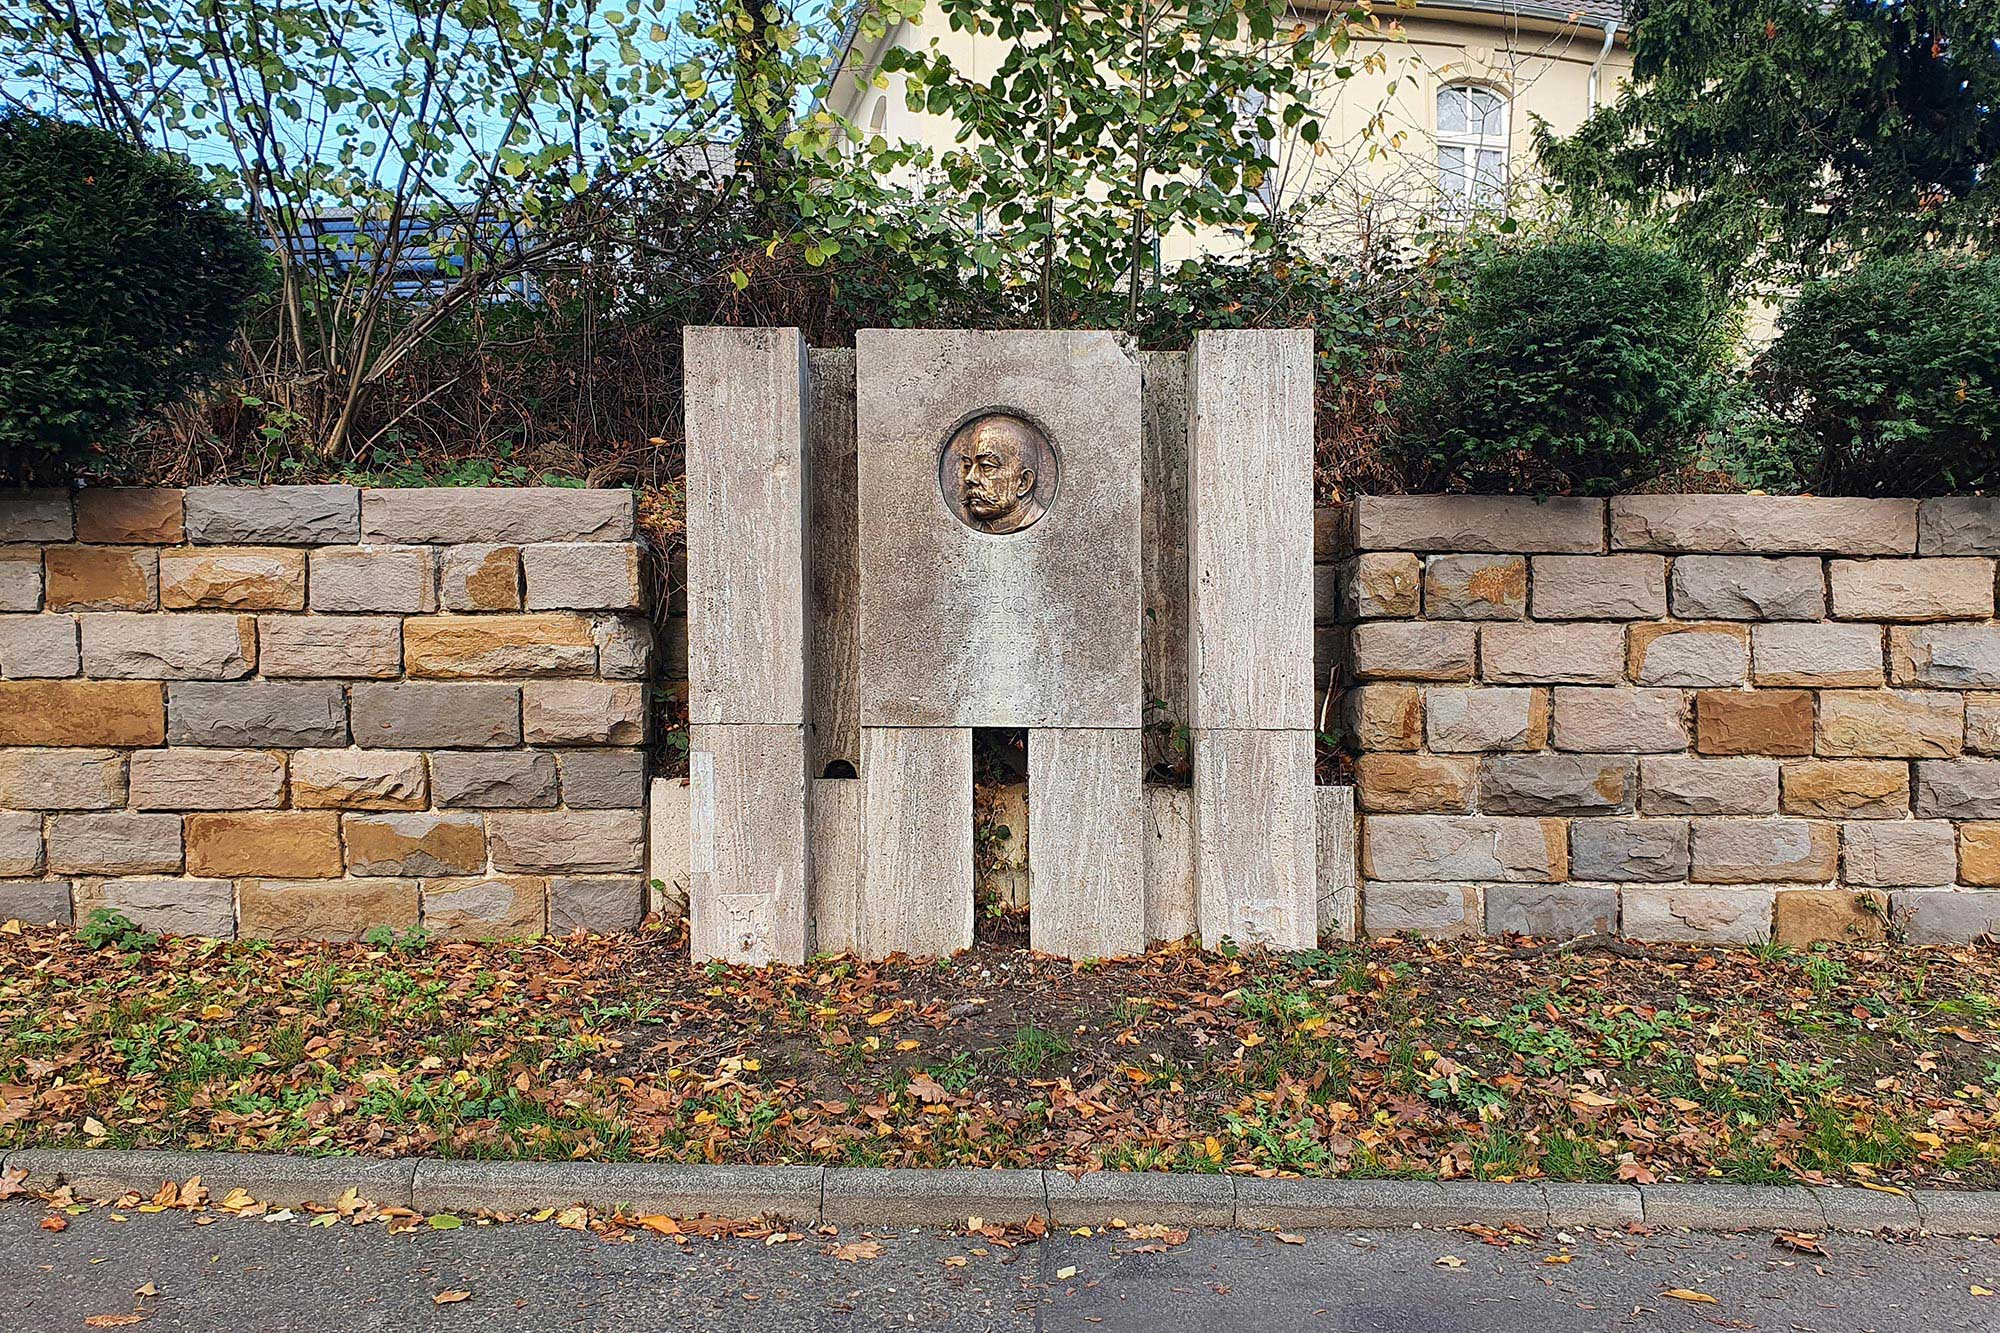 Graffitientfernung an einem Denkmal - nachher